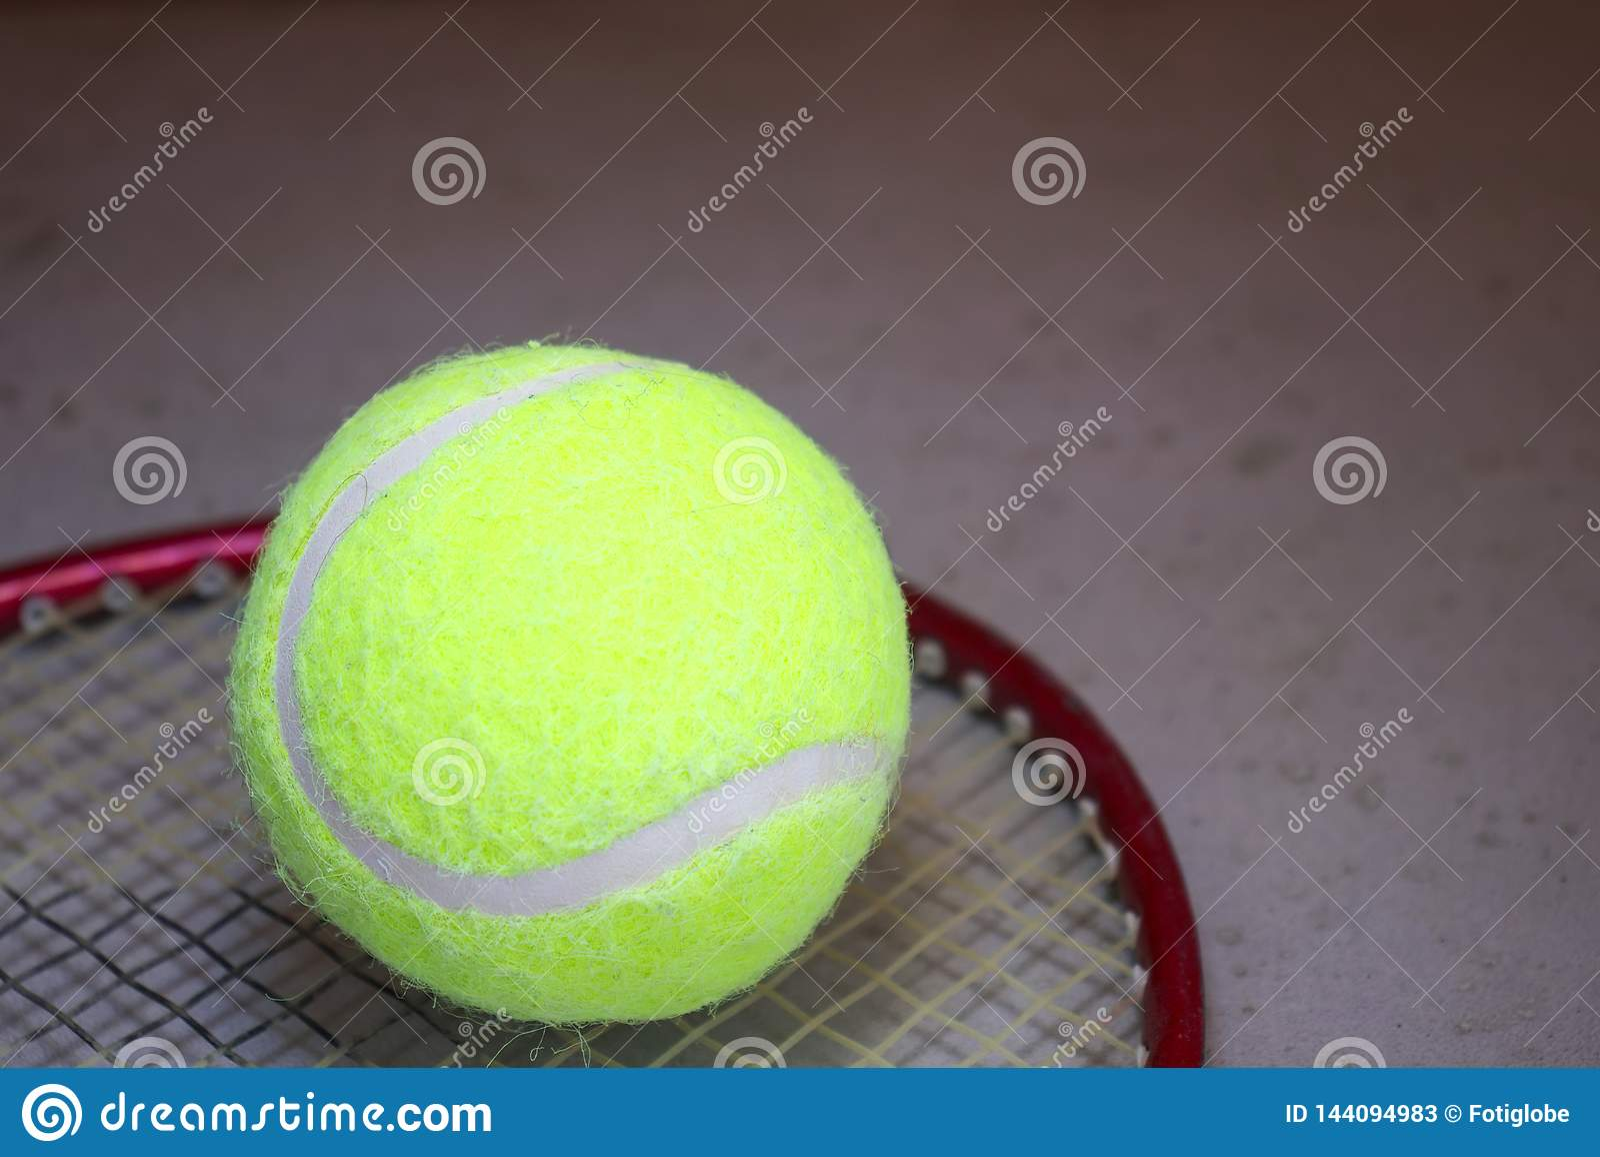 Bola de tênis na raquete